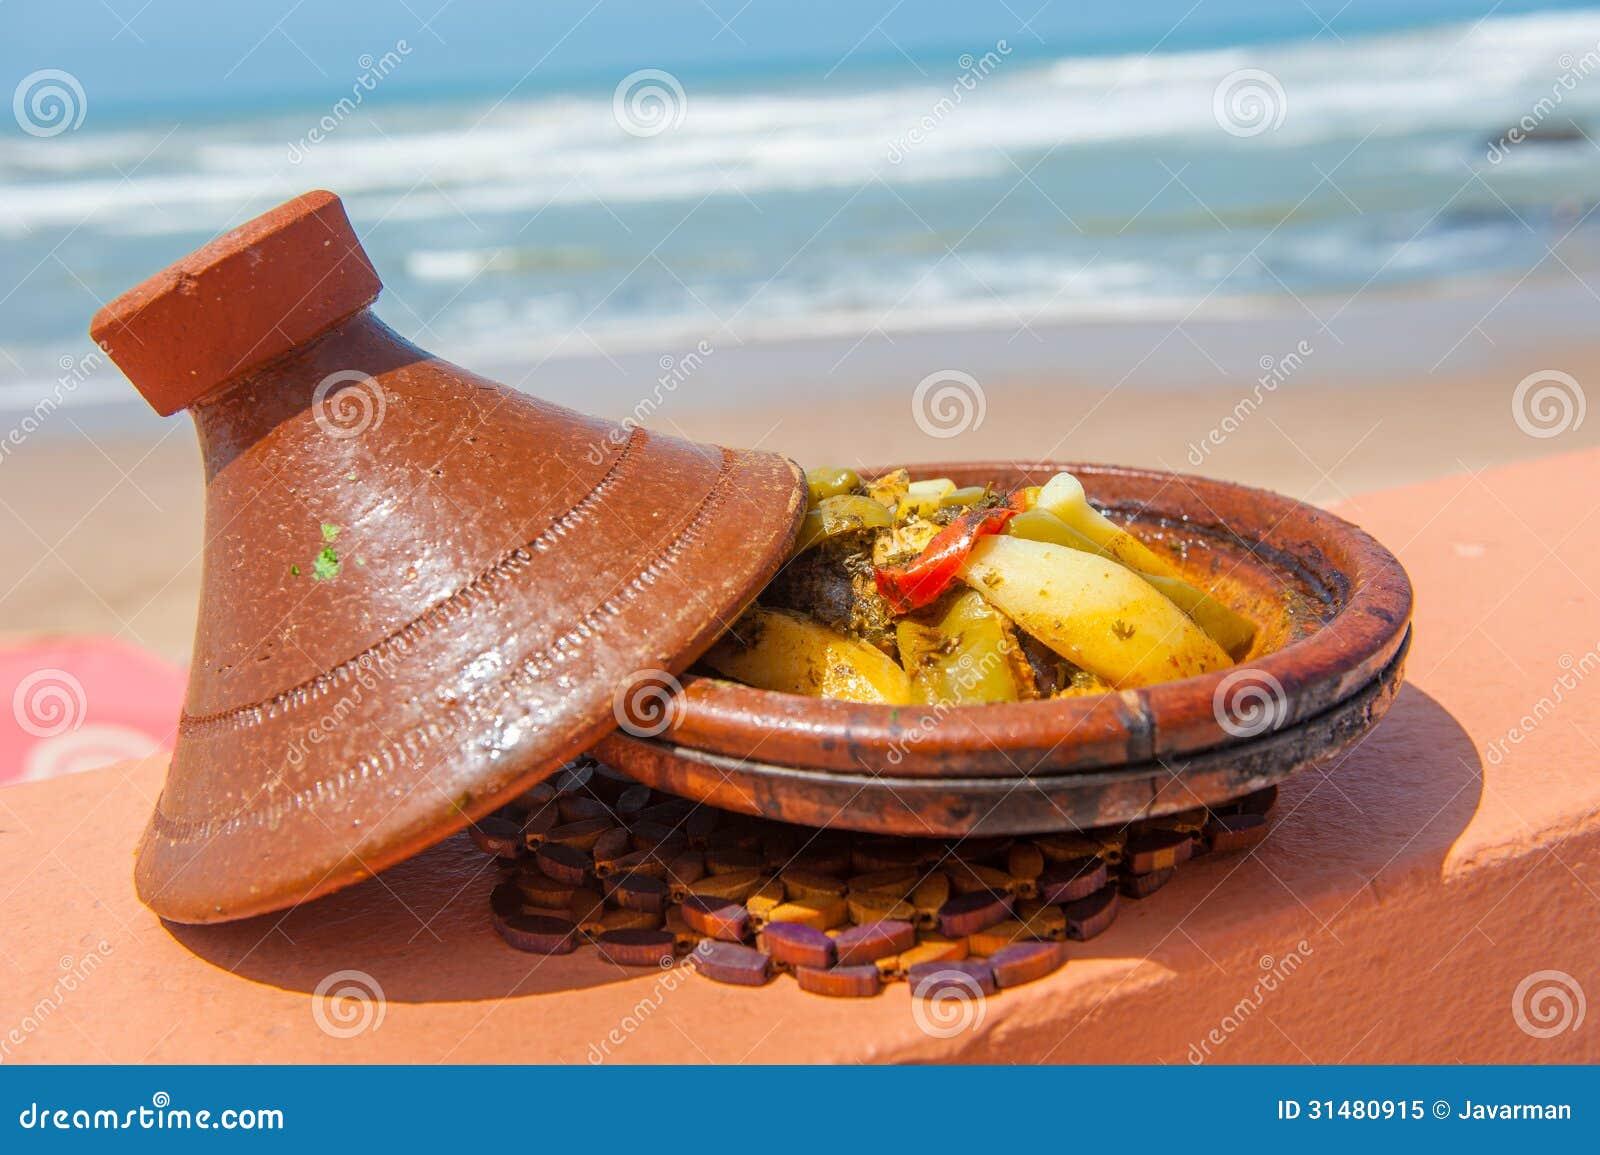 tajine de poissons plat marocain traditionnel image stock image du gastronomique ferment. Black Bedroom Furniture Sets. Home Design Ideas